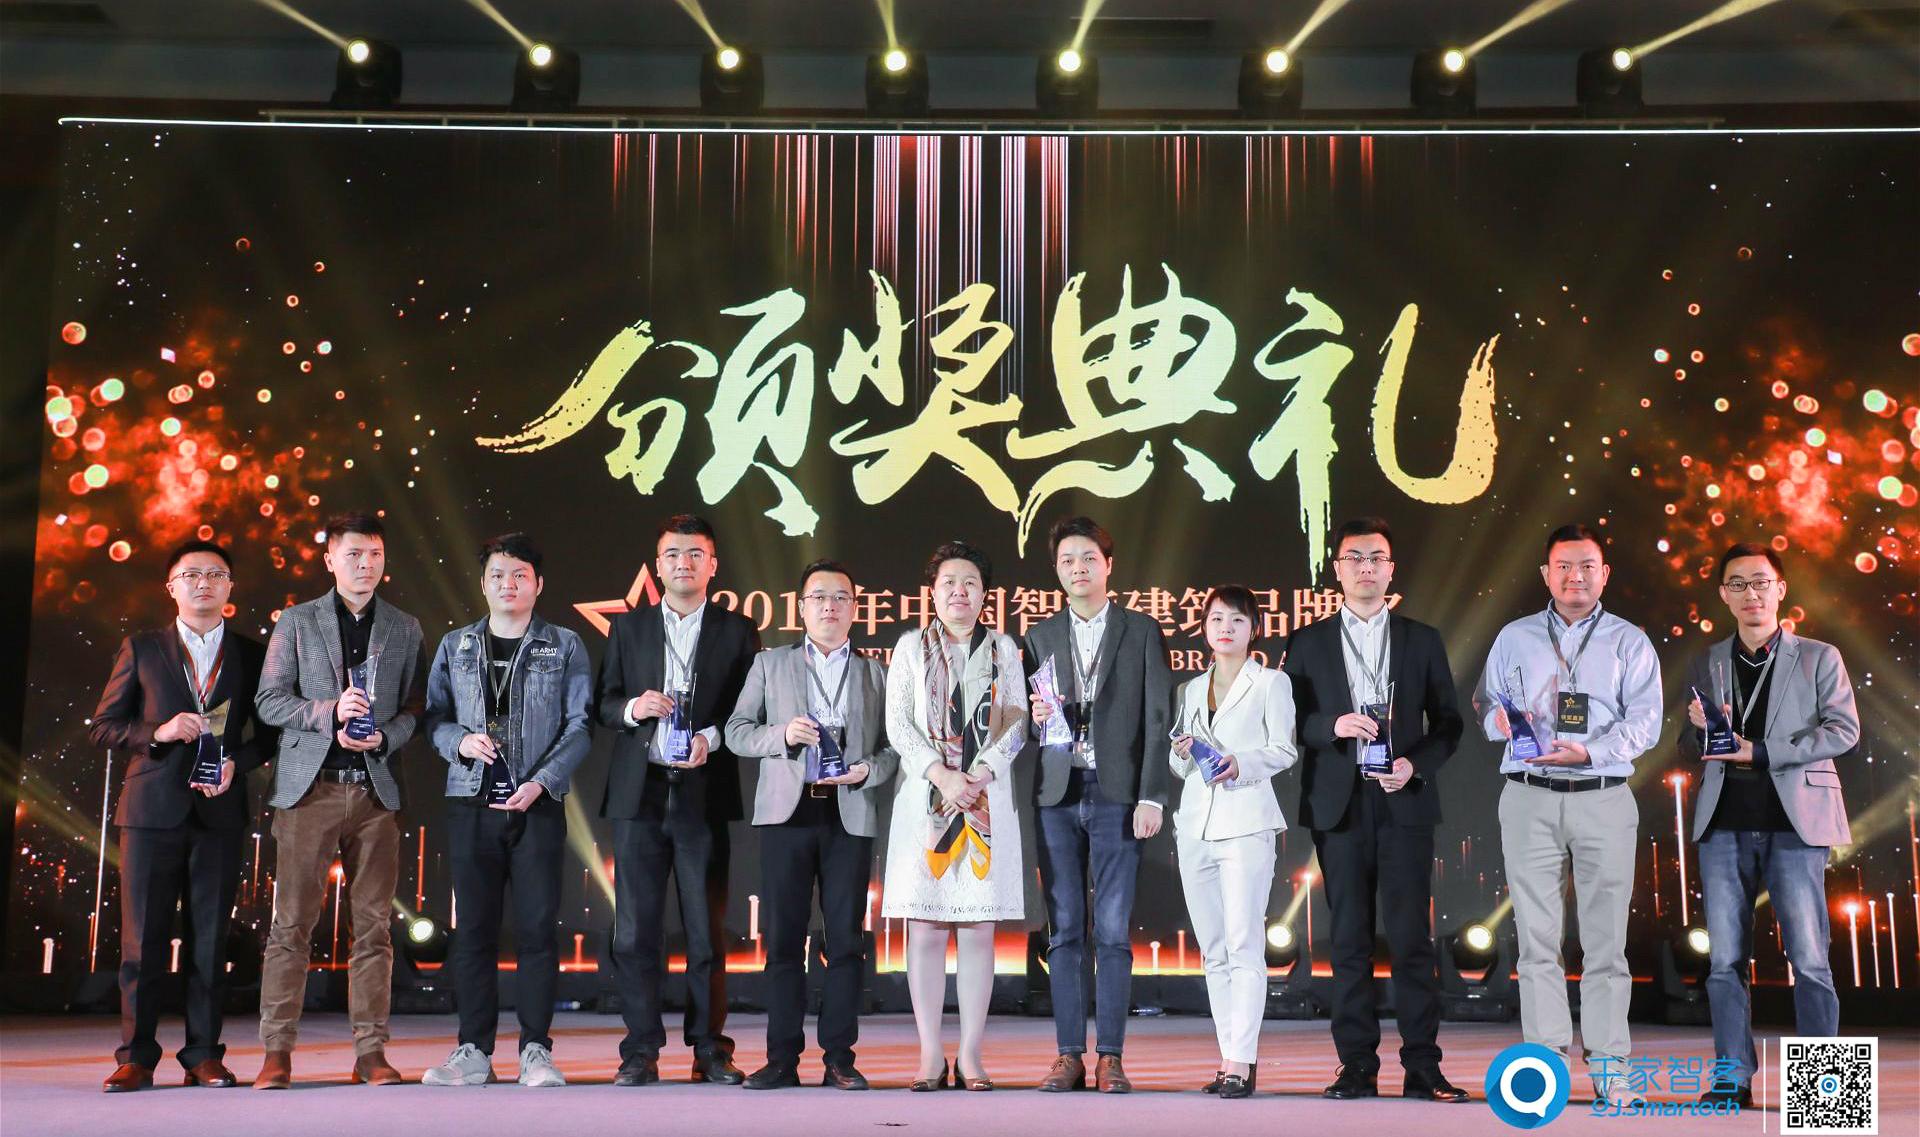 海信集团_2019年度中国智能建筑品牌奖隆重揭晓!-千家网